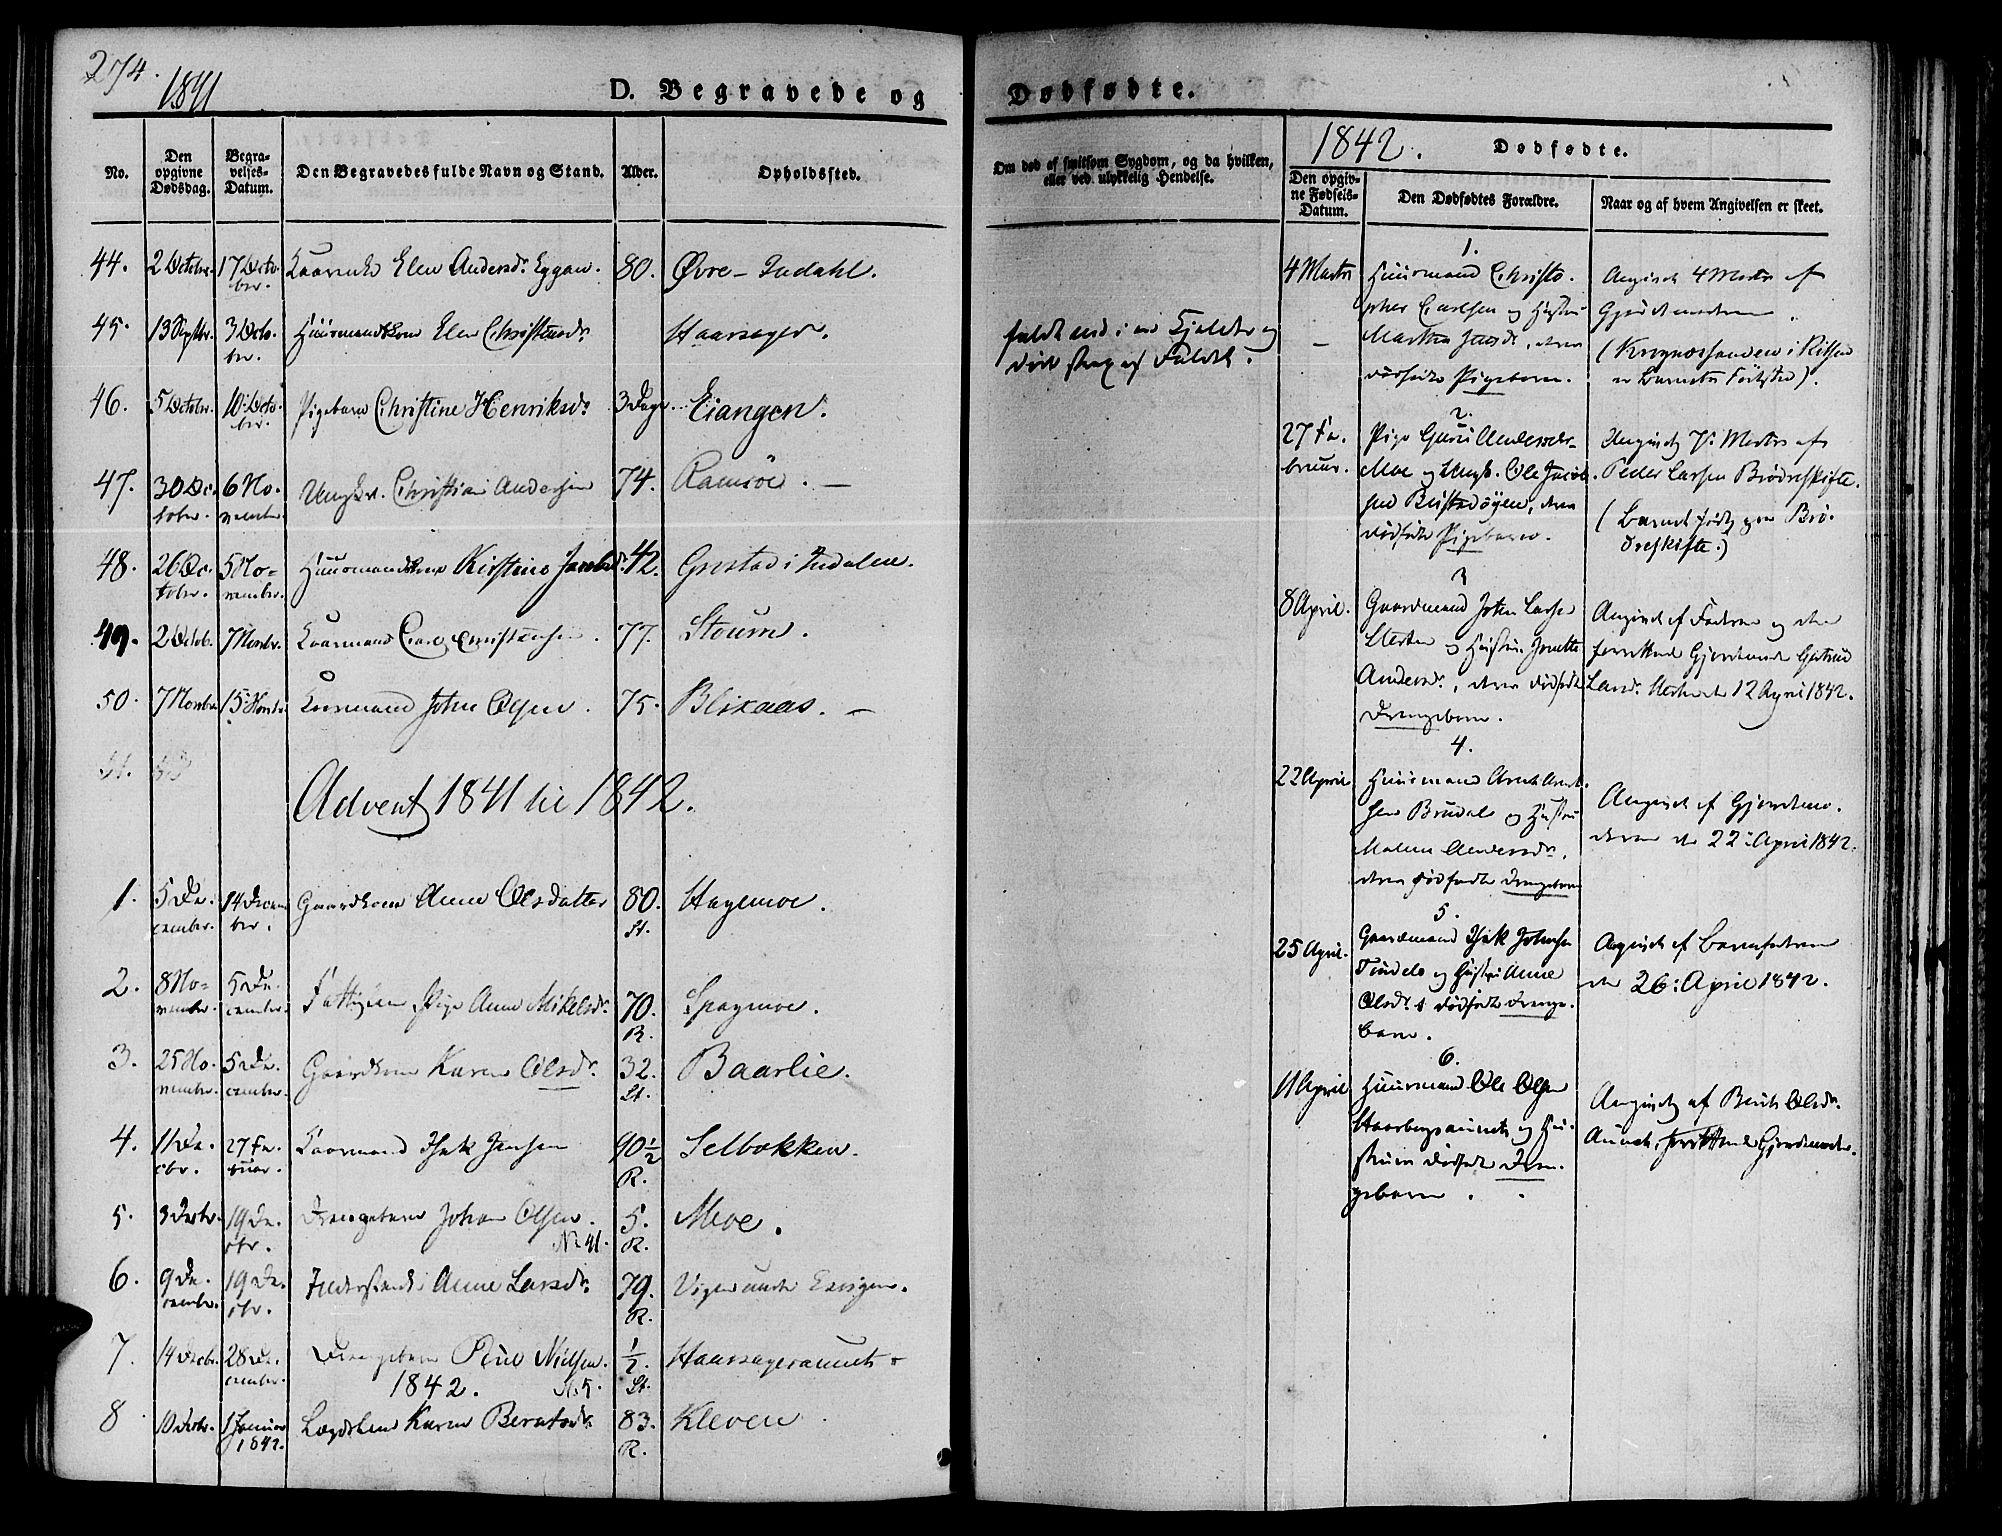 SAT, Ministerialprotokoller, klokkerbøker og fødselsregistre - Sør-Trøndelag, 646/L0610: Ministerialbok nr. 646A08, 1837-1847, s. 274